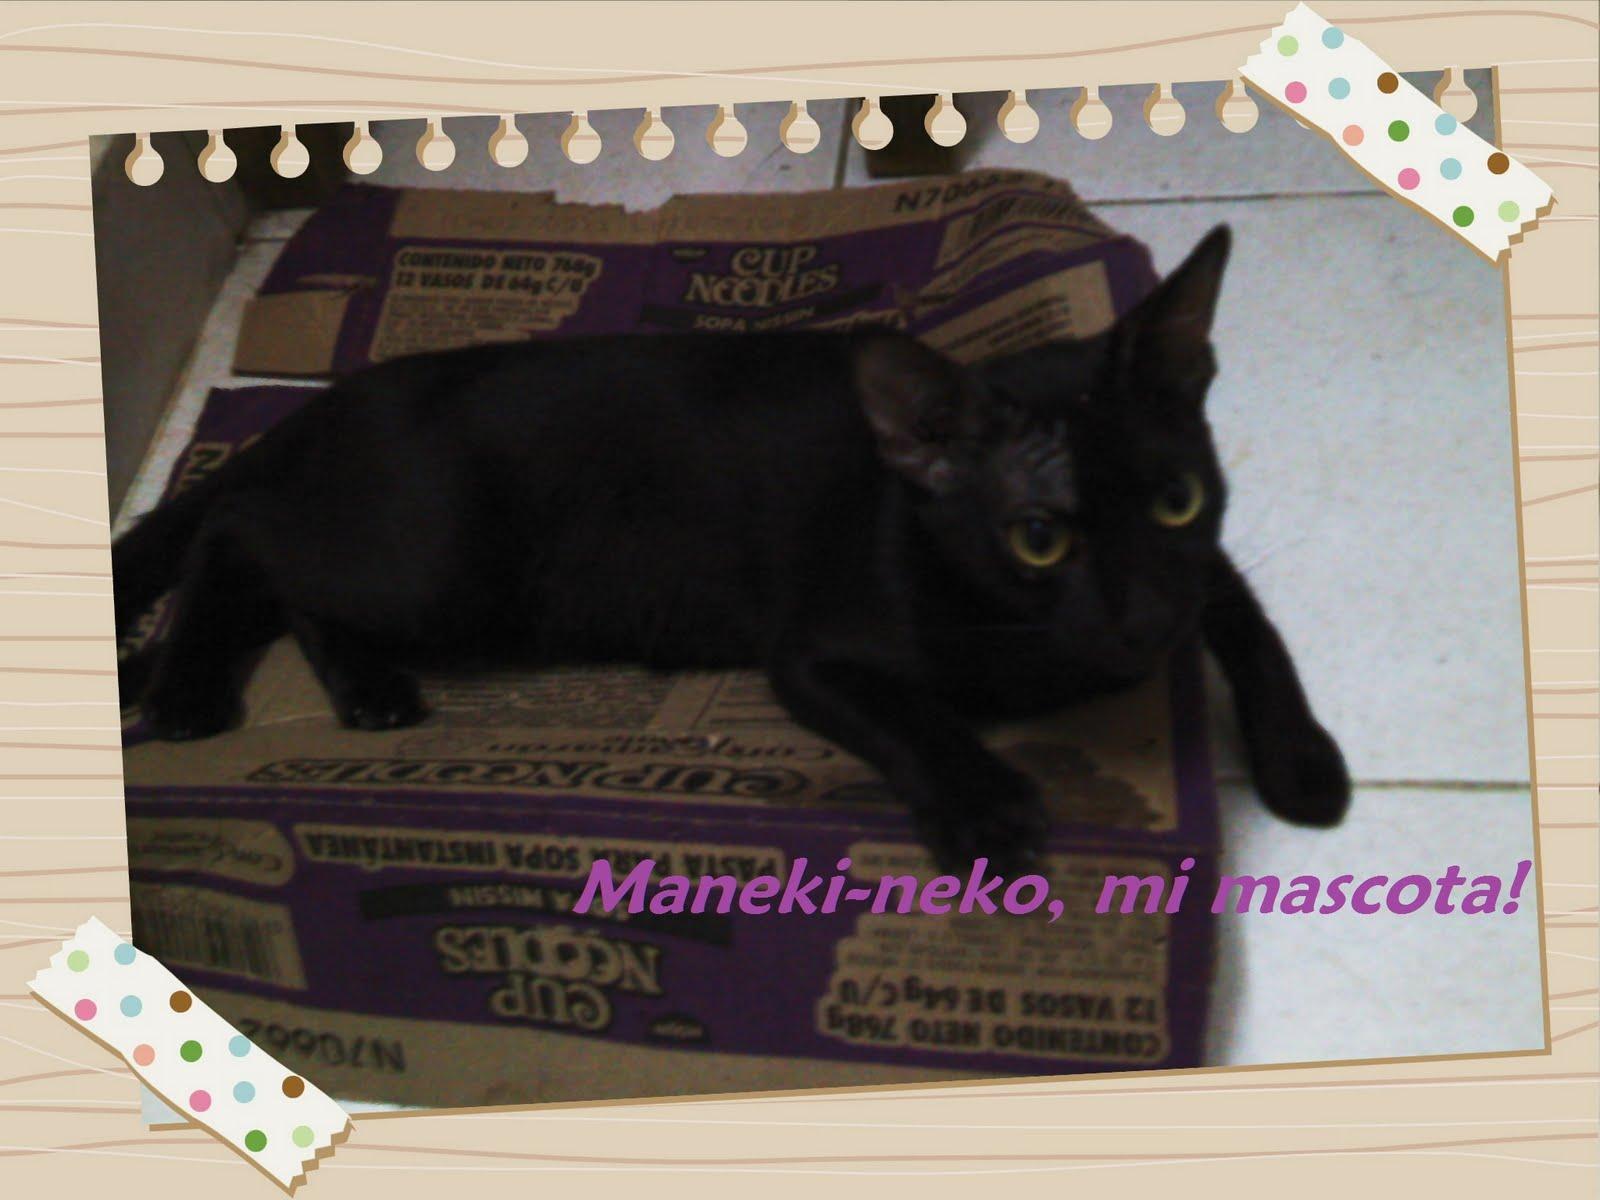 Maneki-neko, mi mascota!